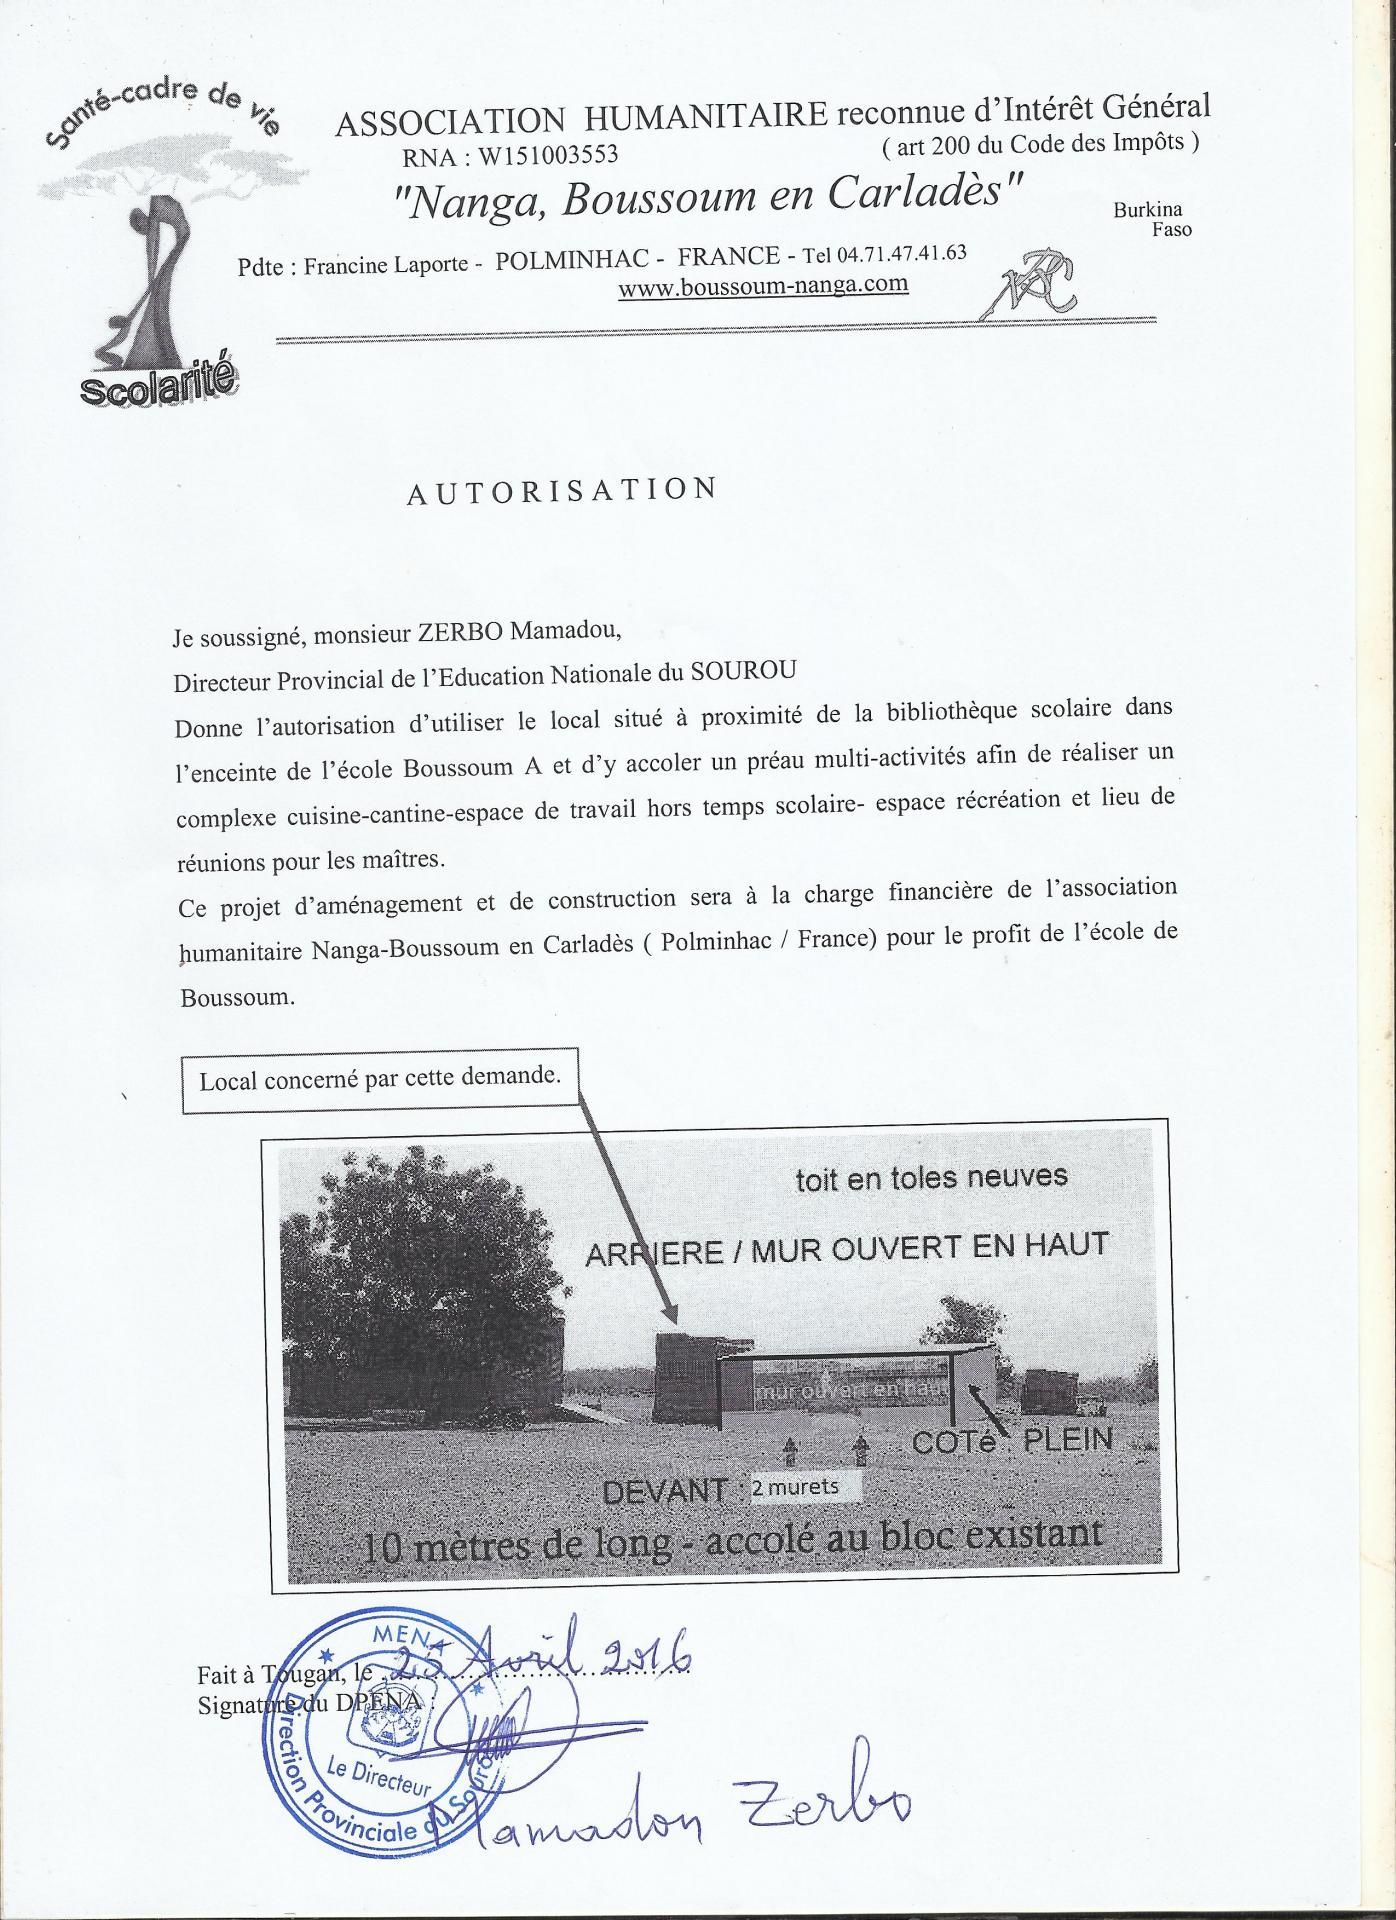 Le pr au multi activit s for Autorisation de construction